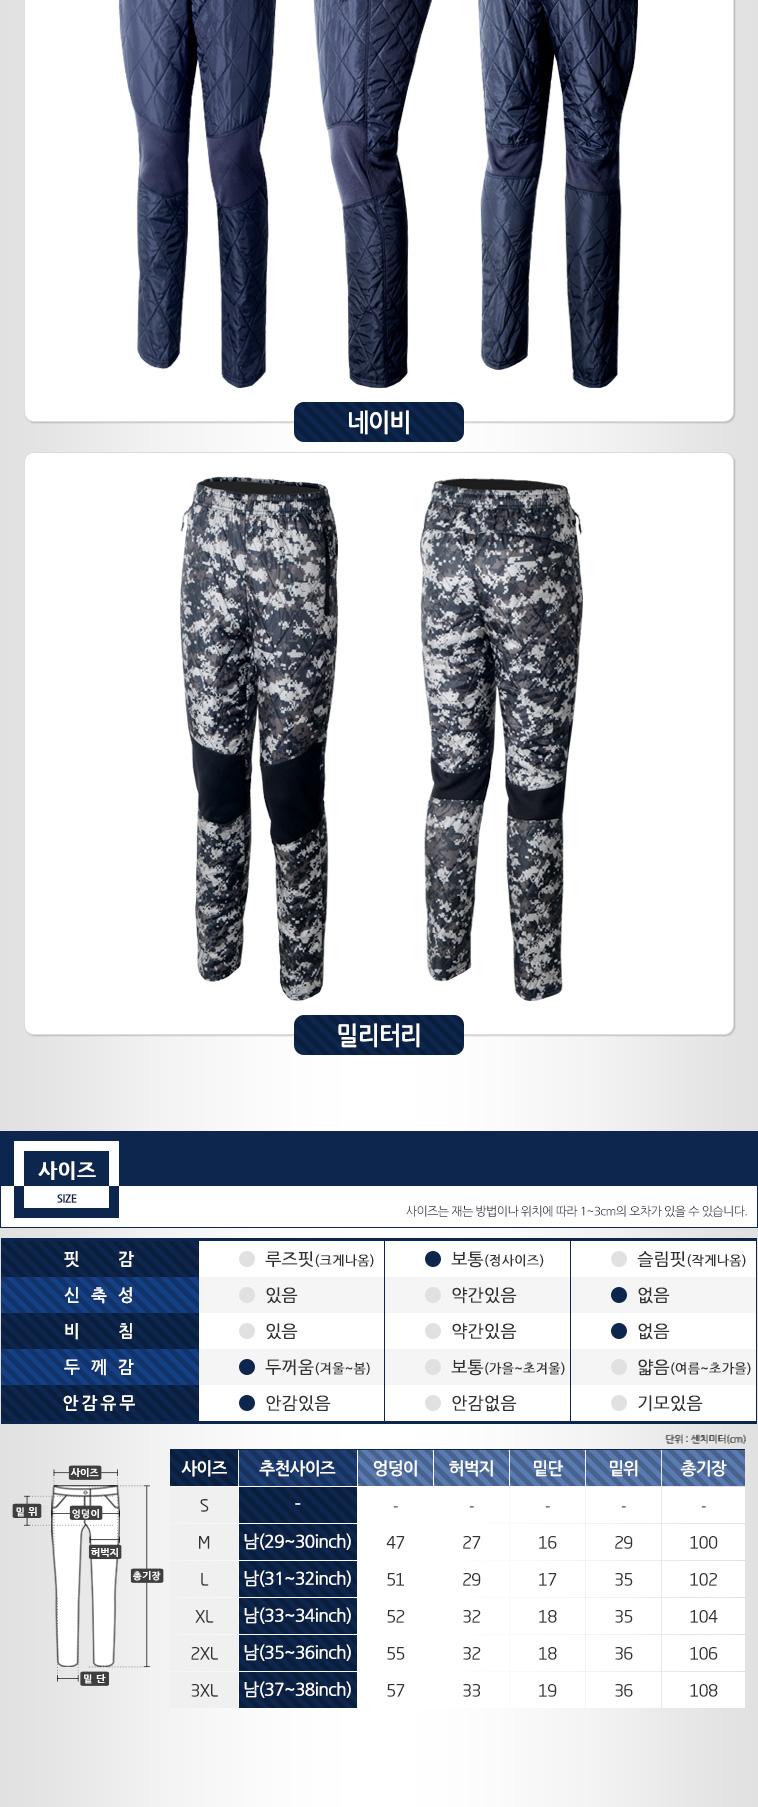 후기281개 기모티셔츠/기모바지 53종 - 상세정보